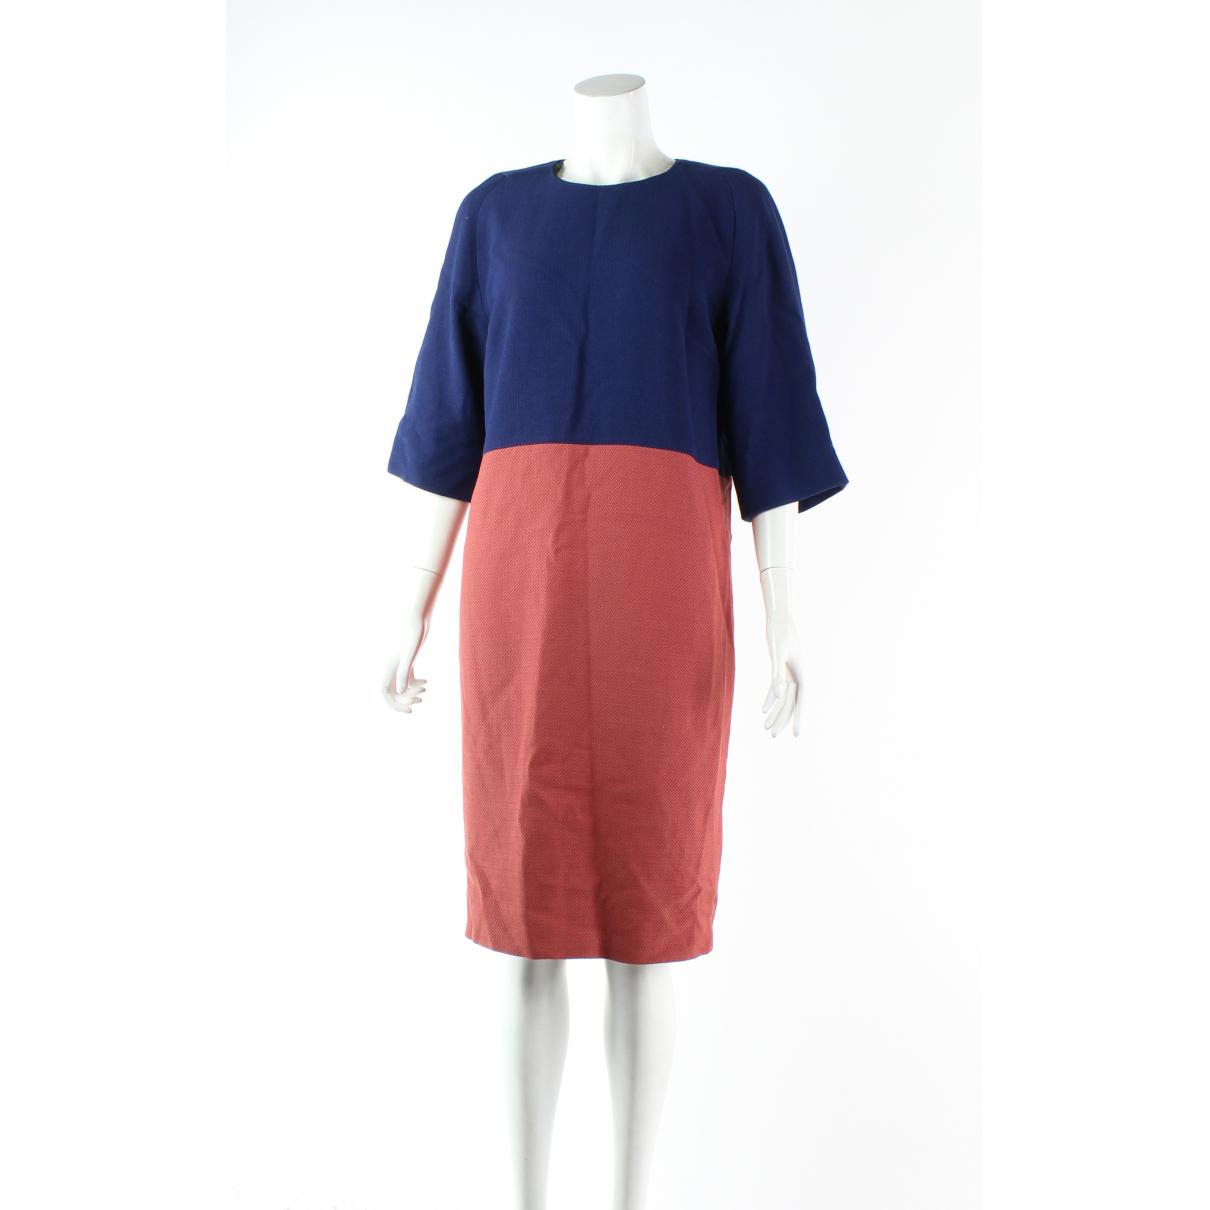 Dries Van Noten \N Kleid in  Blau Wolle